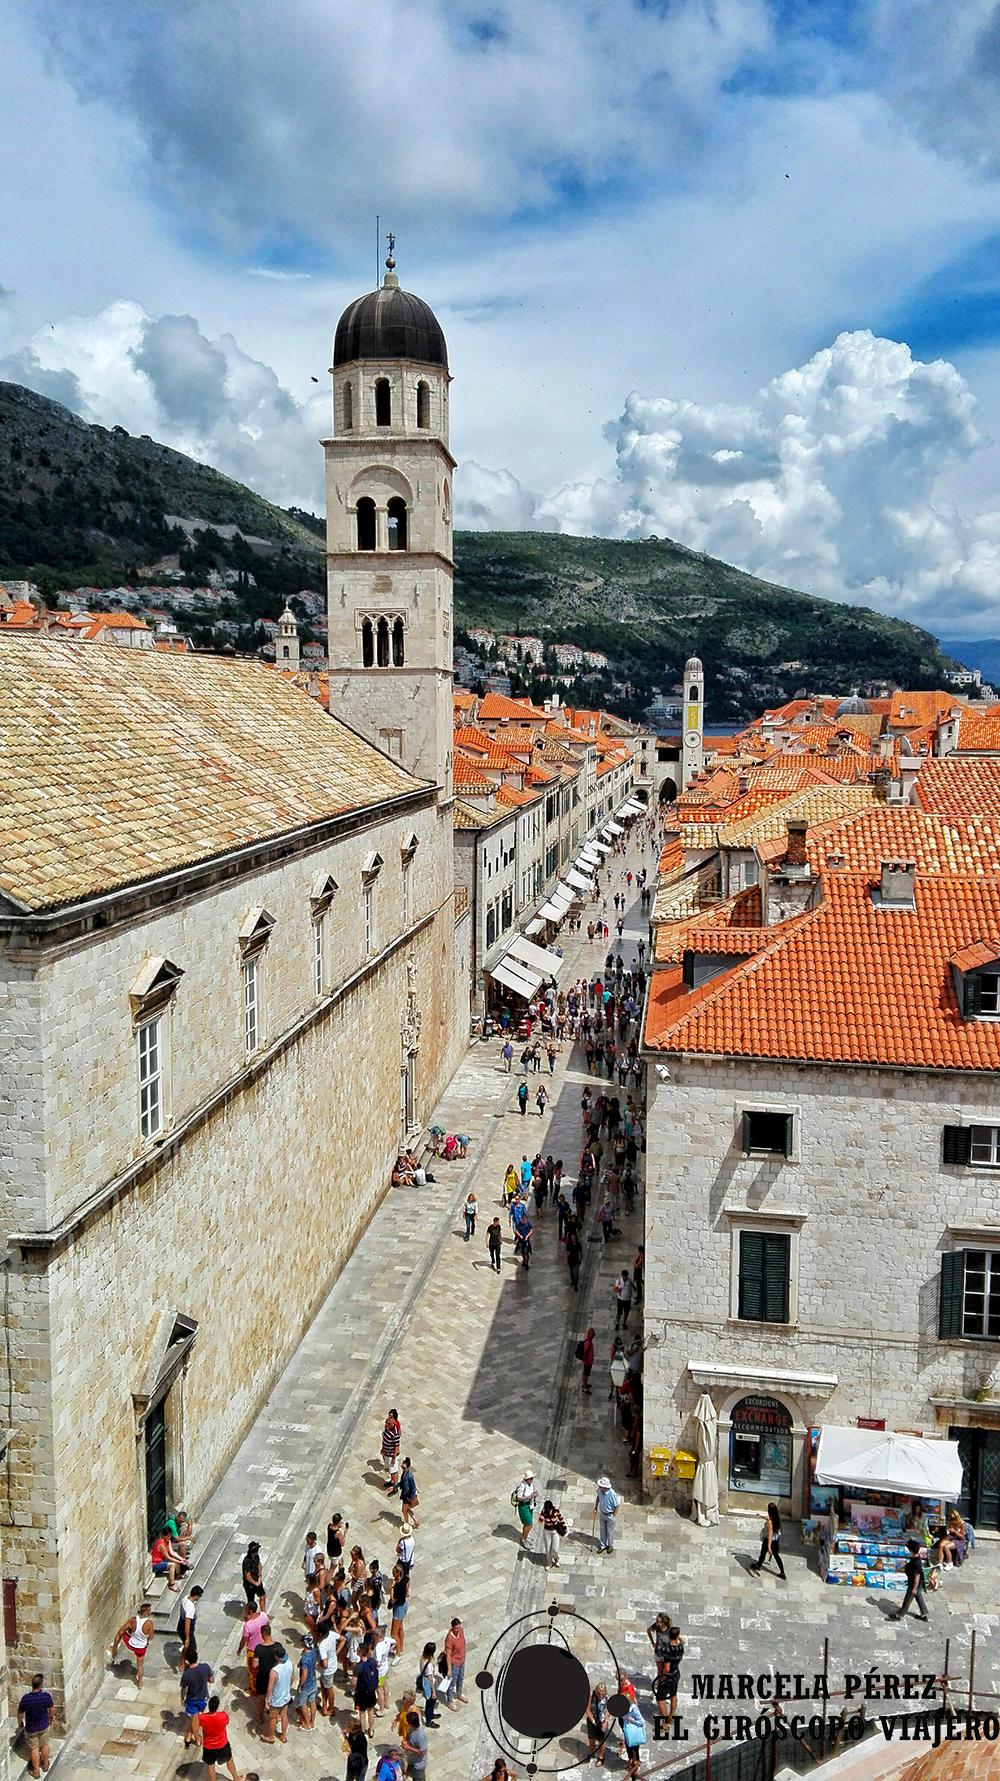 Vista de la Stradun con el Campanario de Dubrovnik en primer plano y al fondo la Torre de la Campana del Monasterio